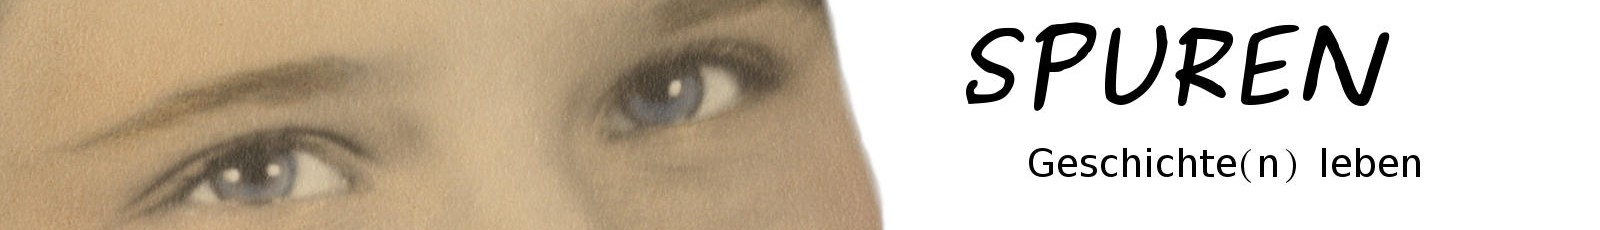 cropped-eyes_de.jpg